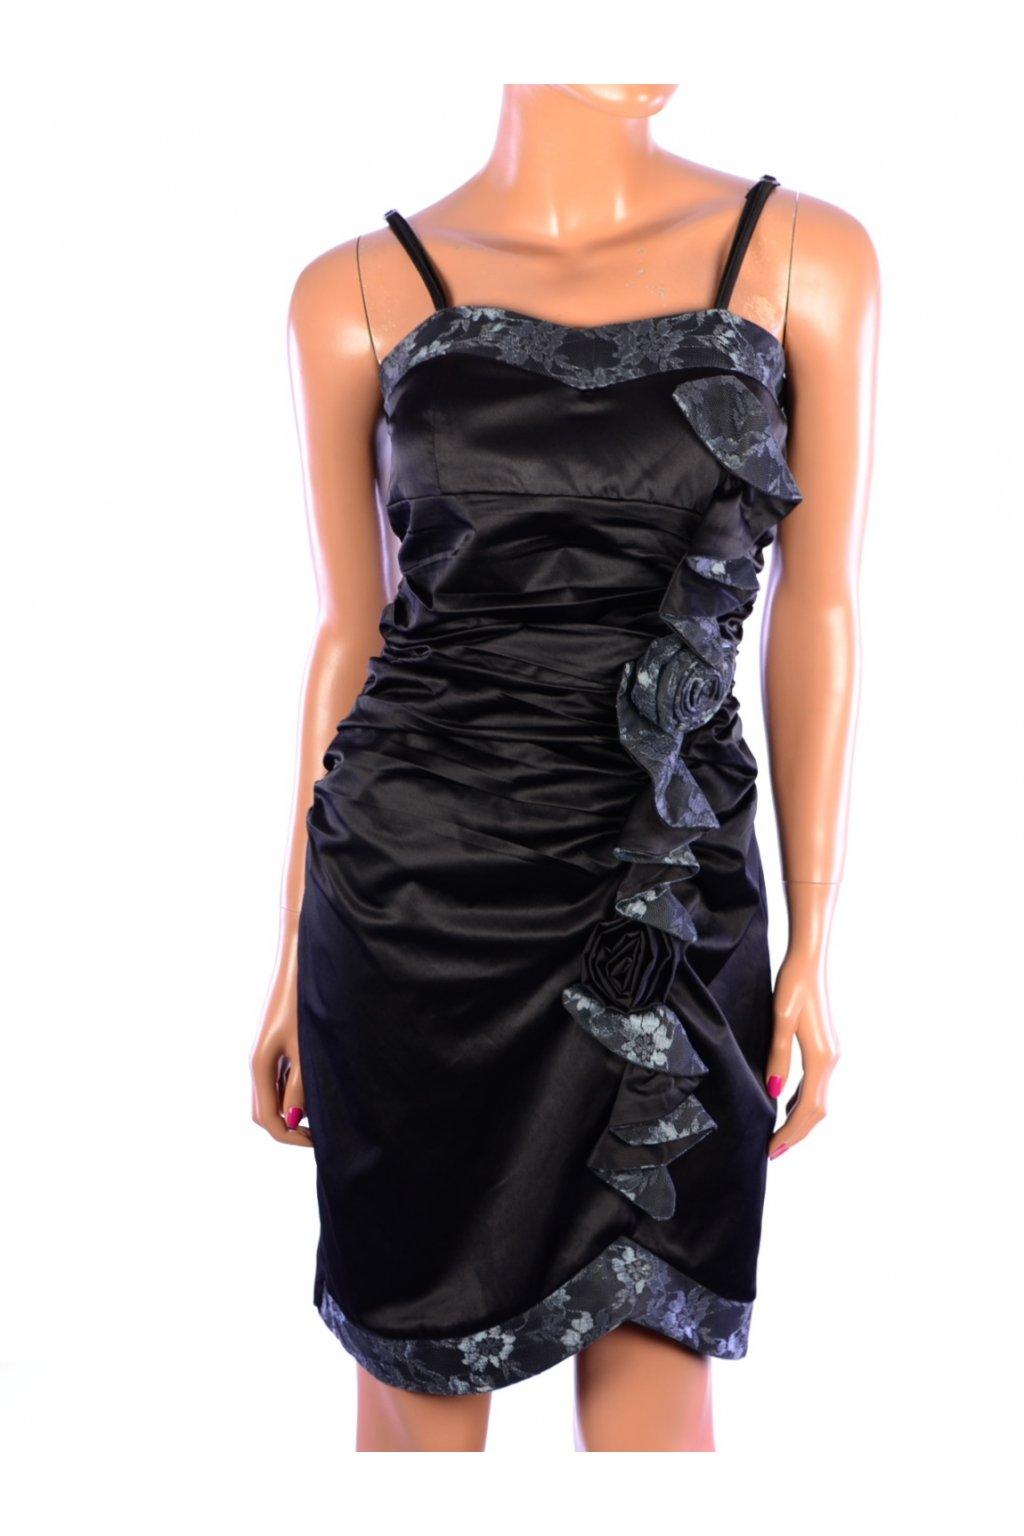 Šaty společenské Creativity černé s krajkou a růží vel. 40 / M